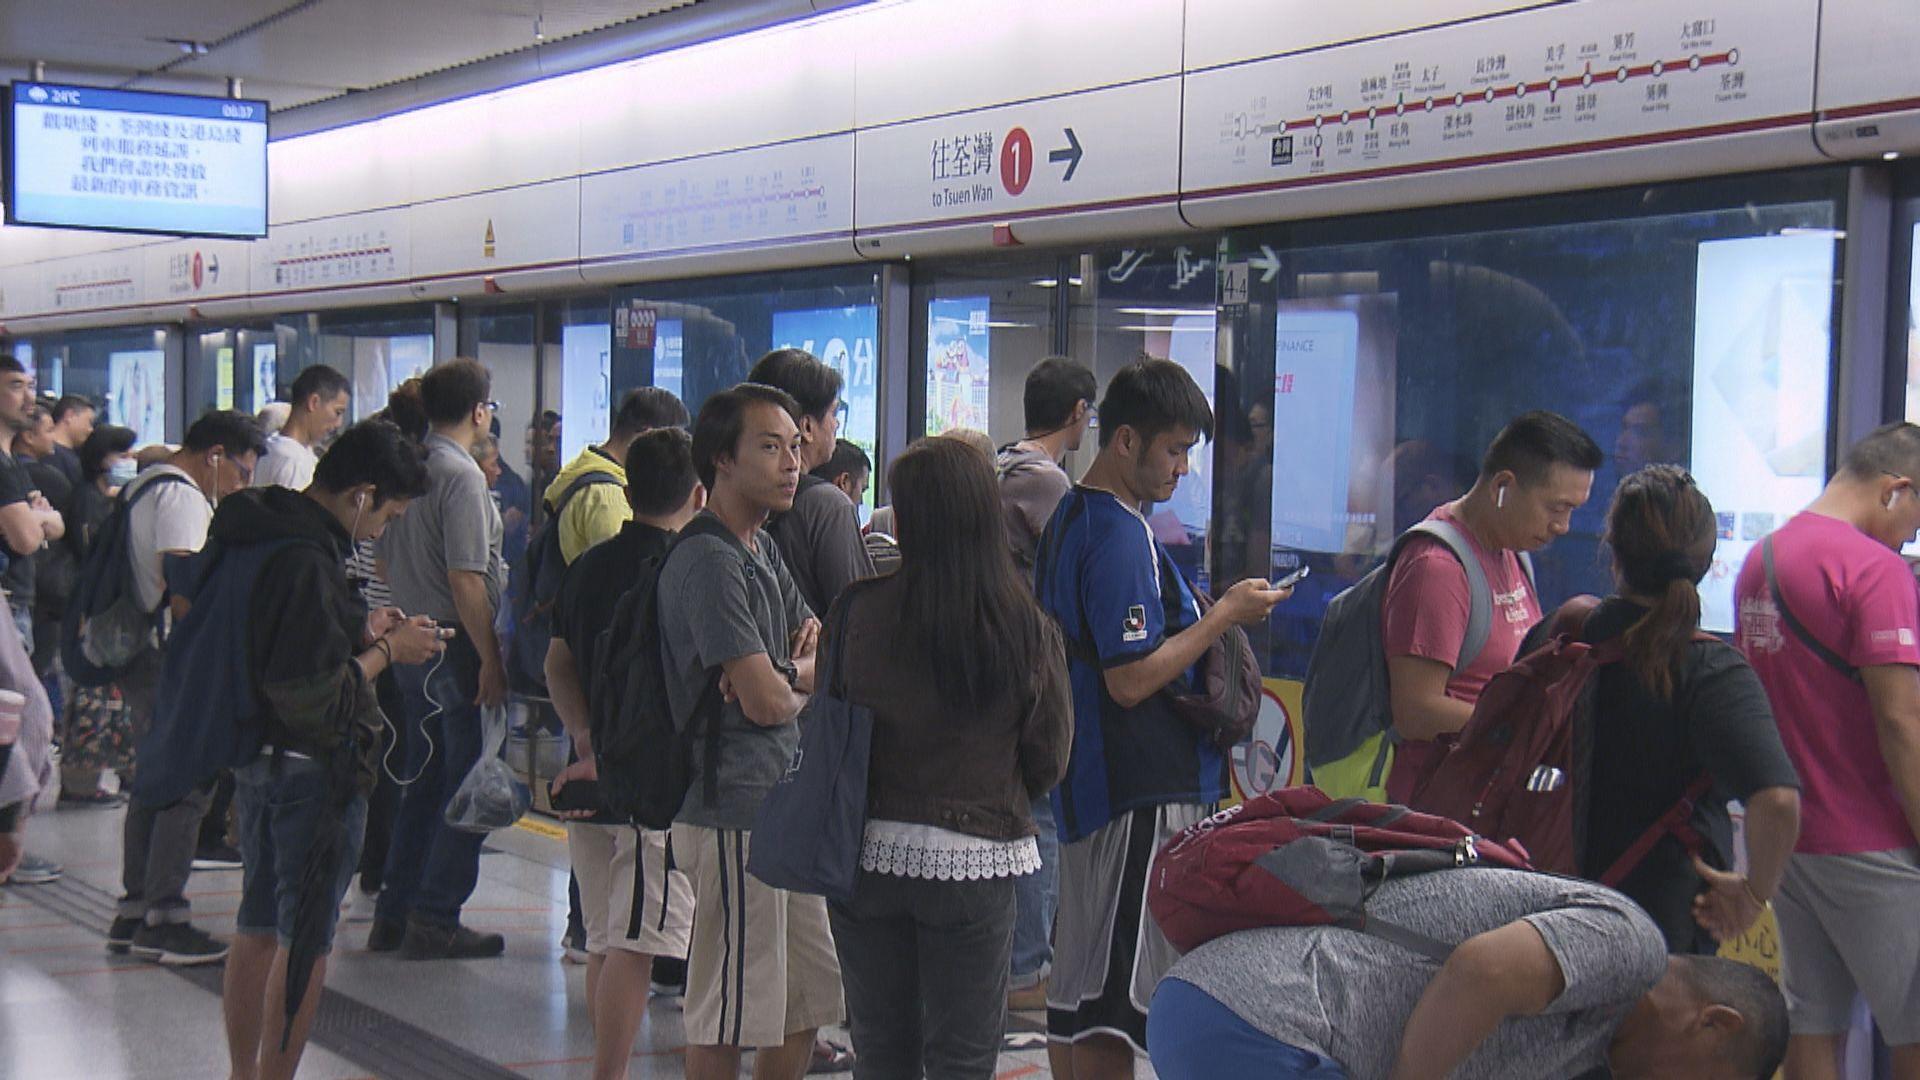 【中秋節】港鐵不提供通宵列車 巴士電車將加強服務